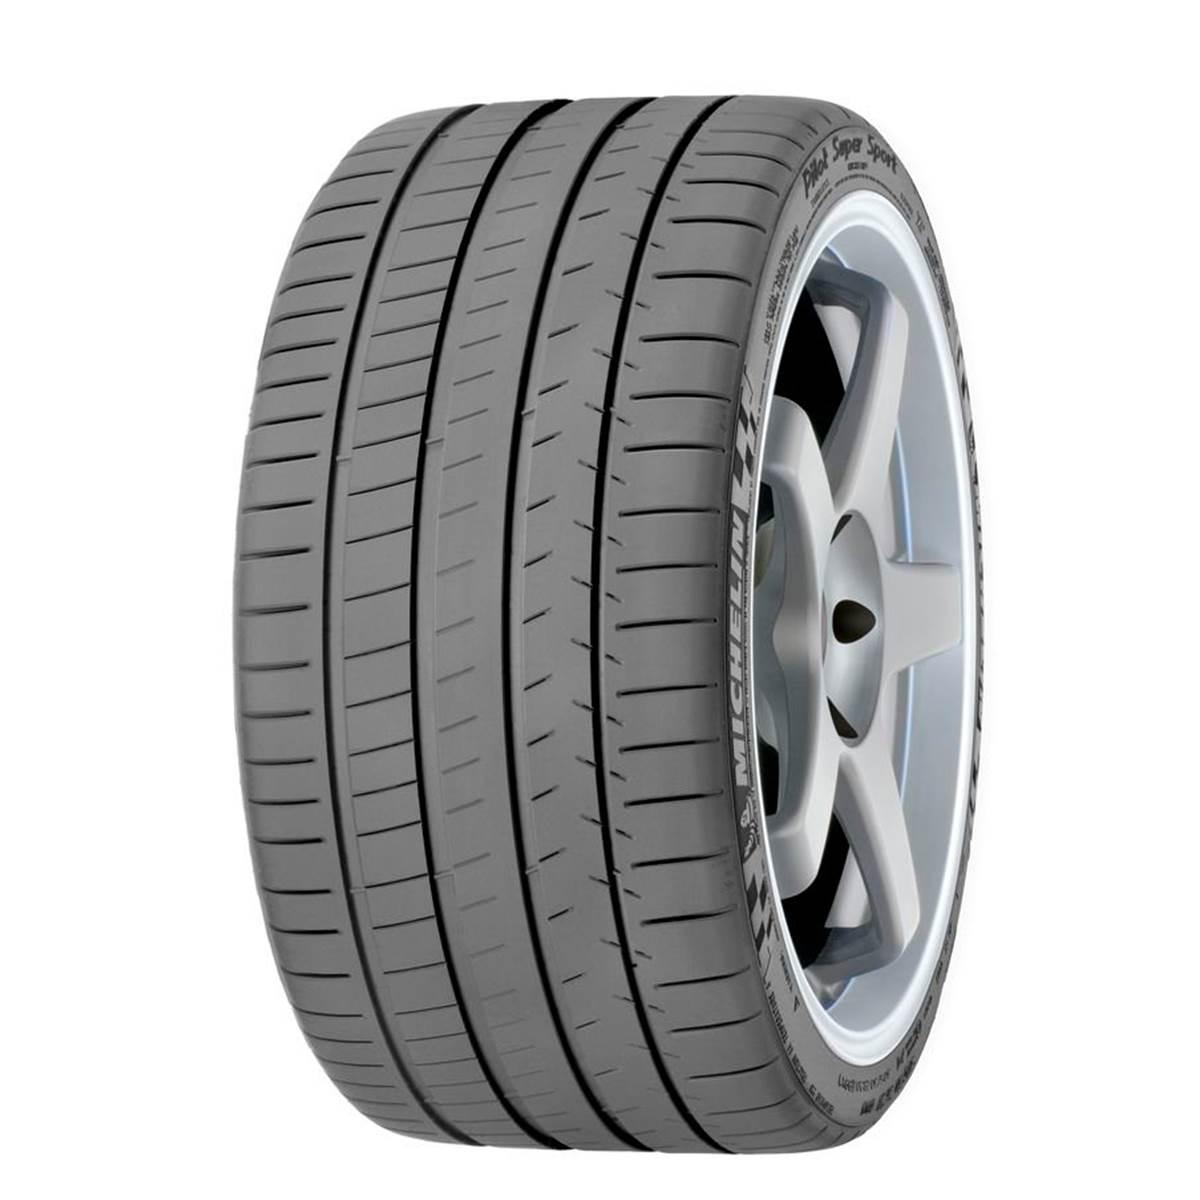 Michelin Pilot Super Sport XL pneu